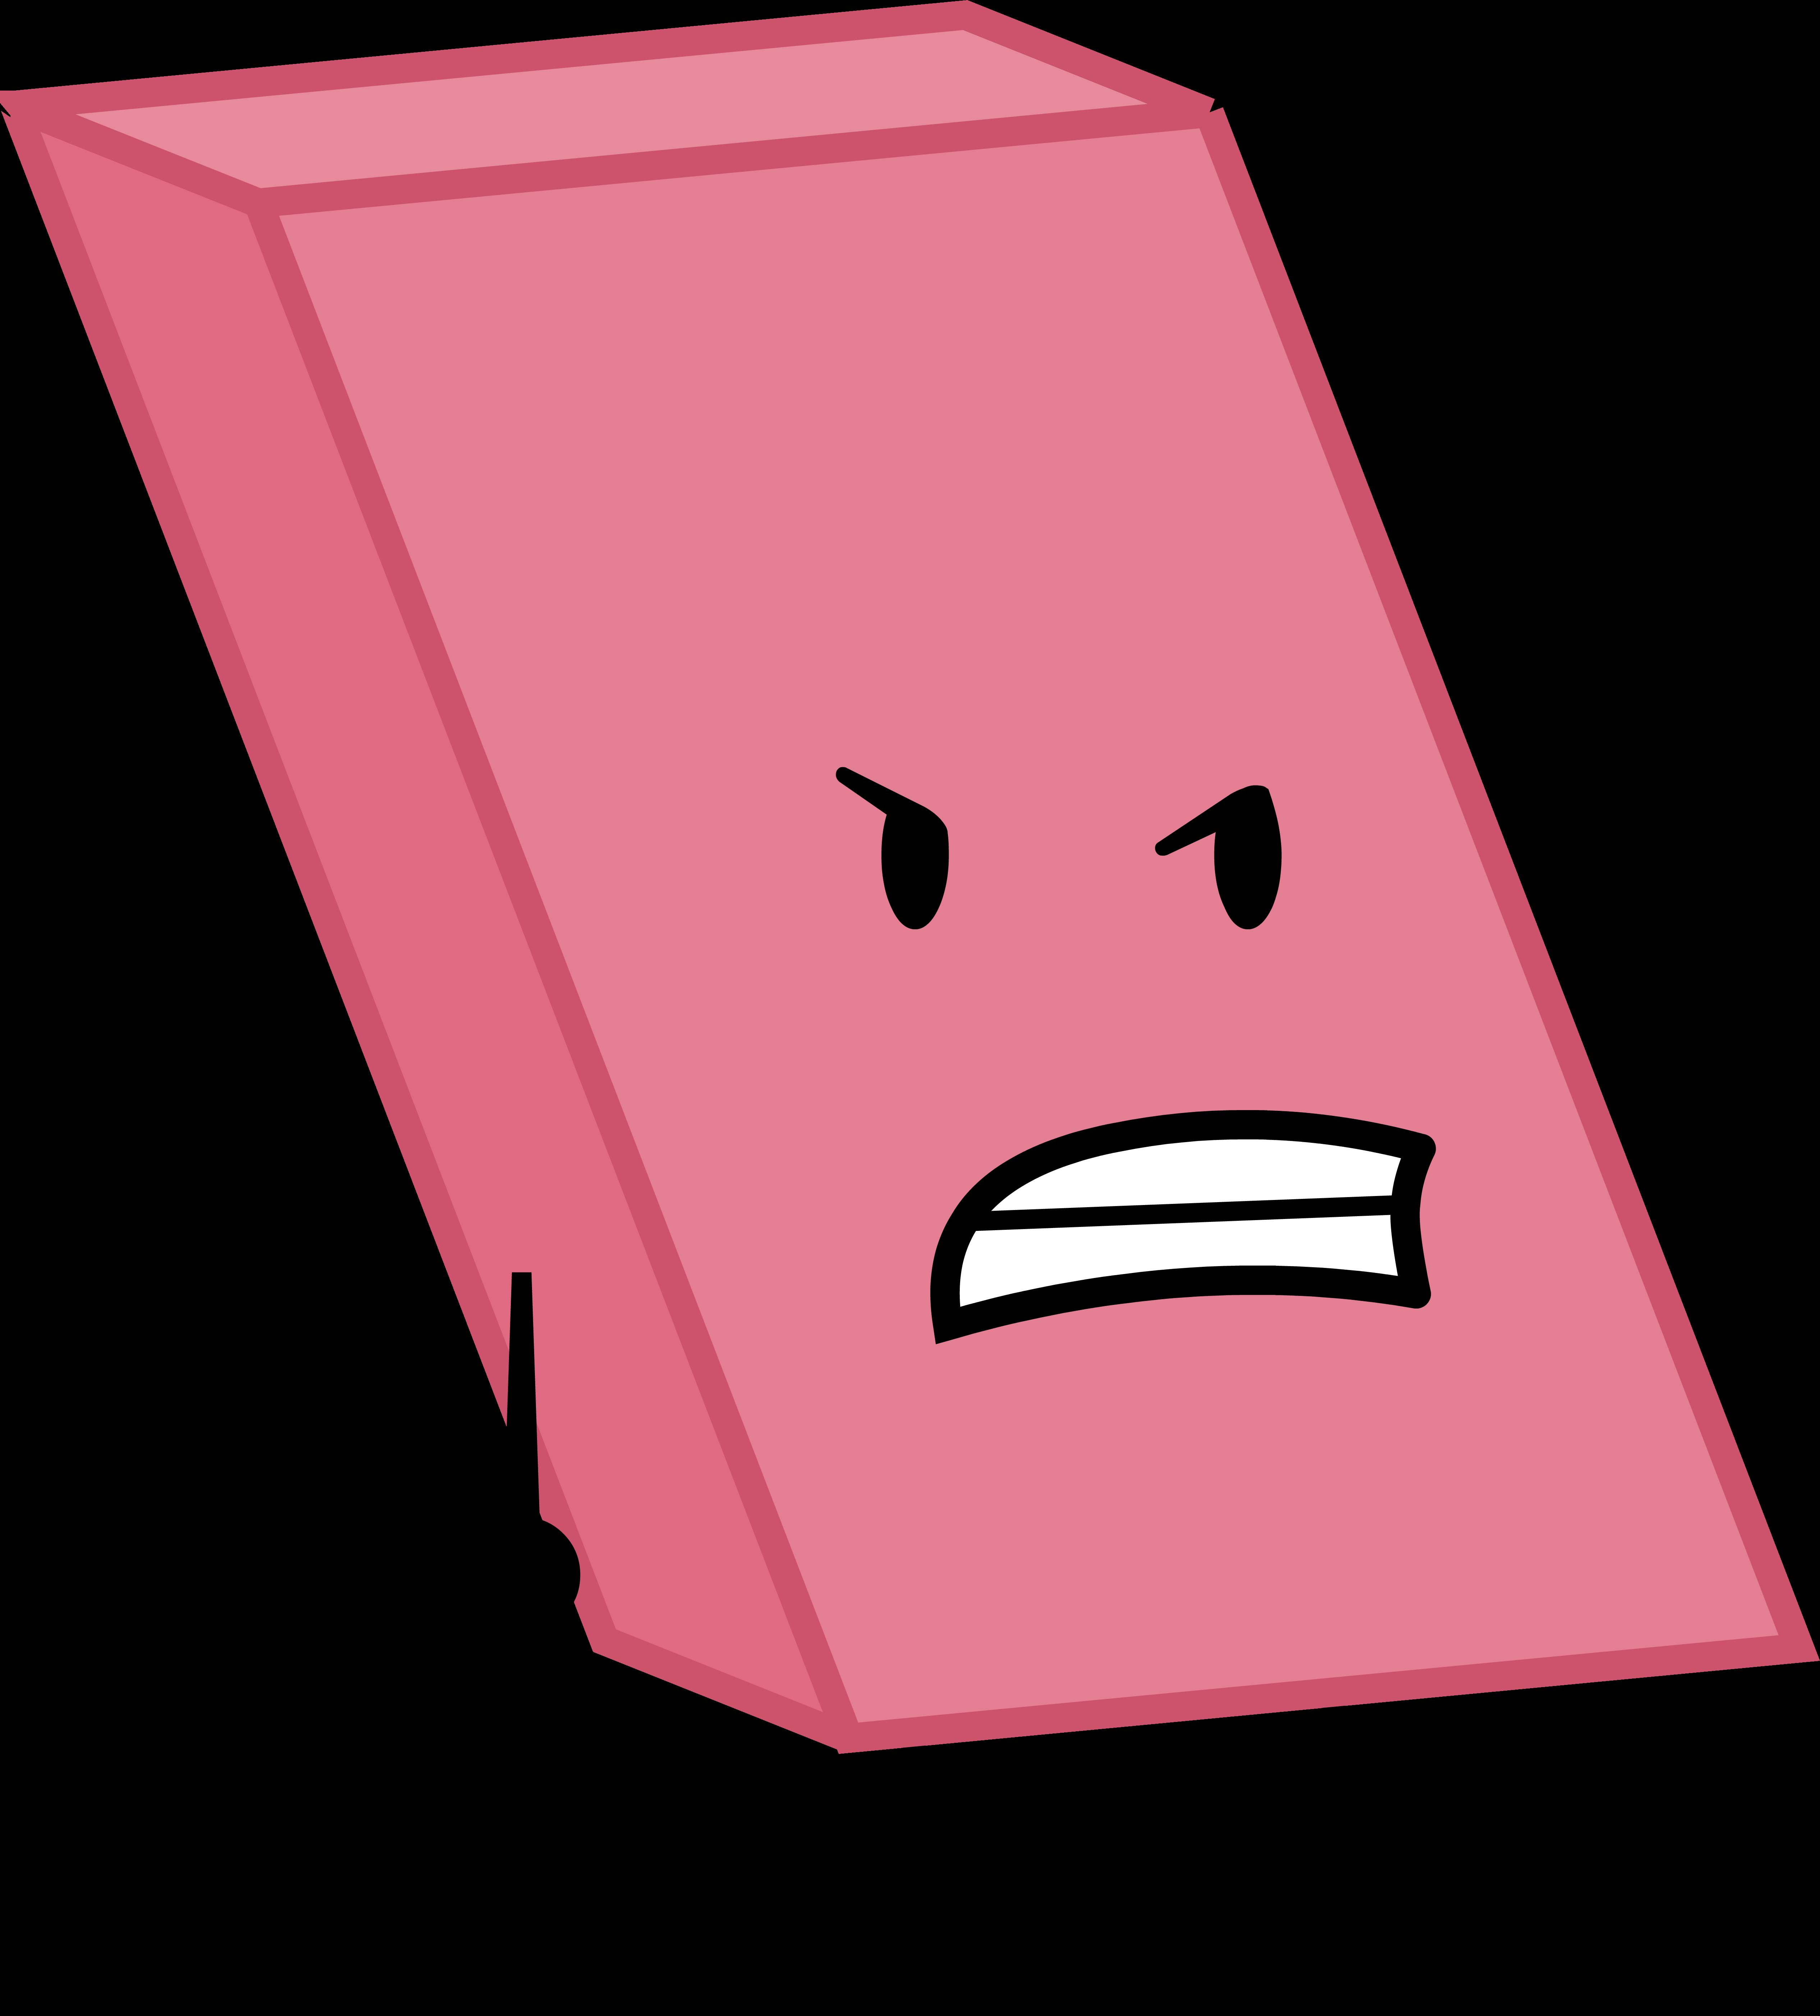 File:Eraser 6.png